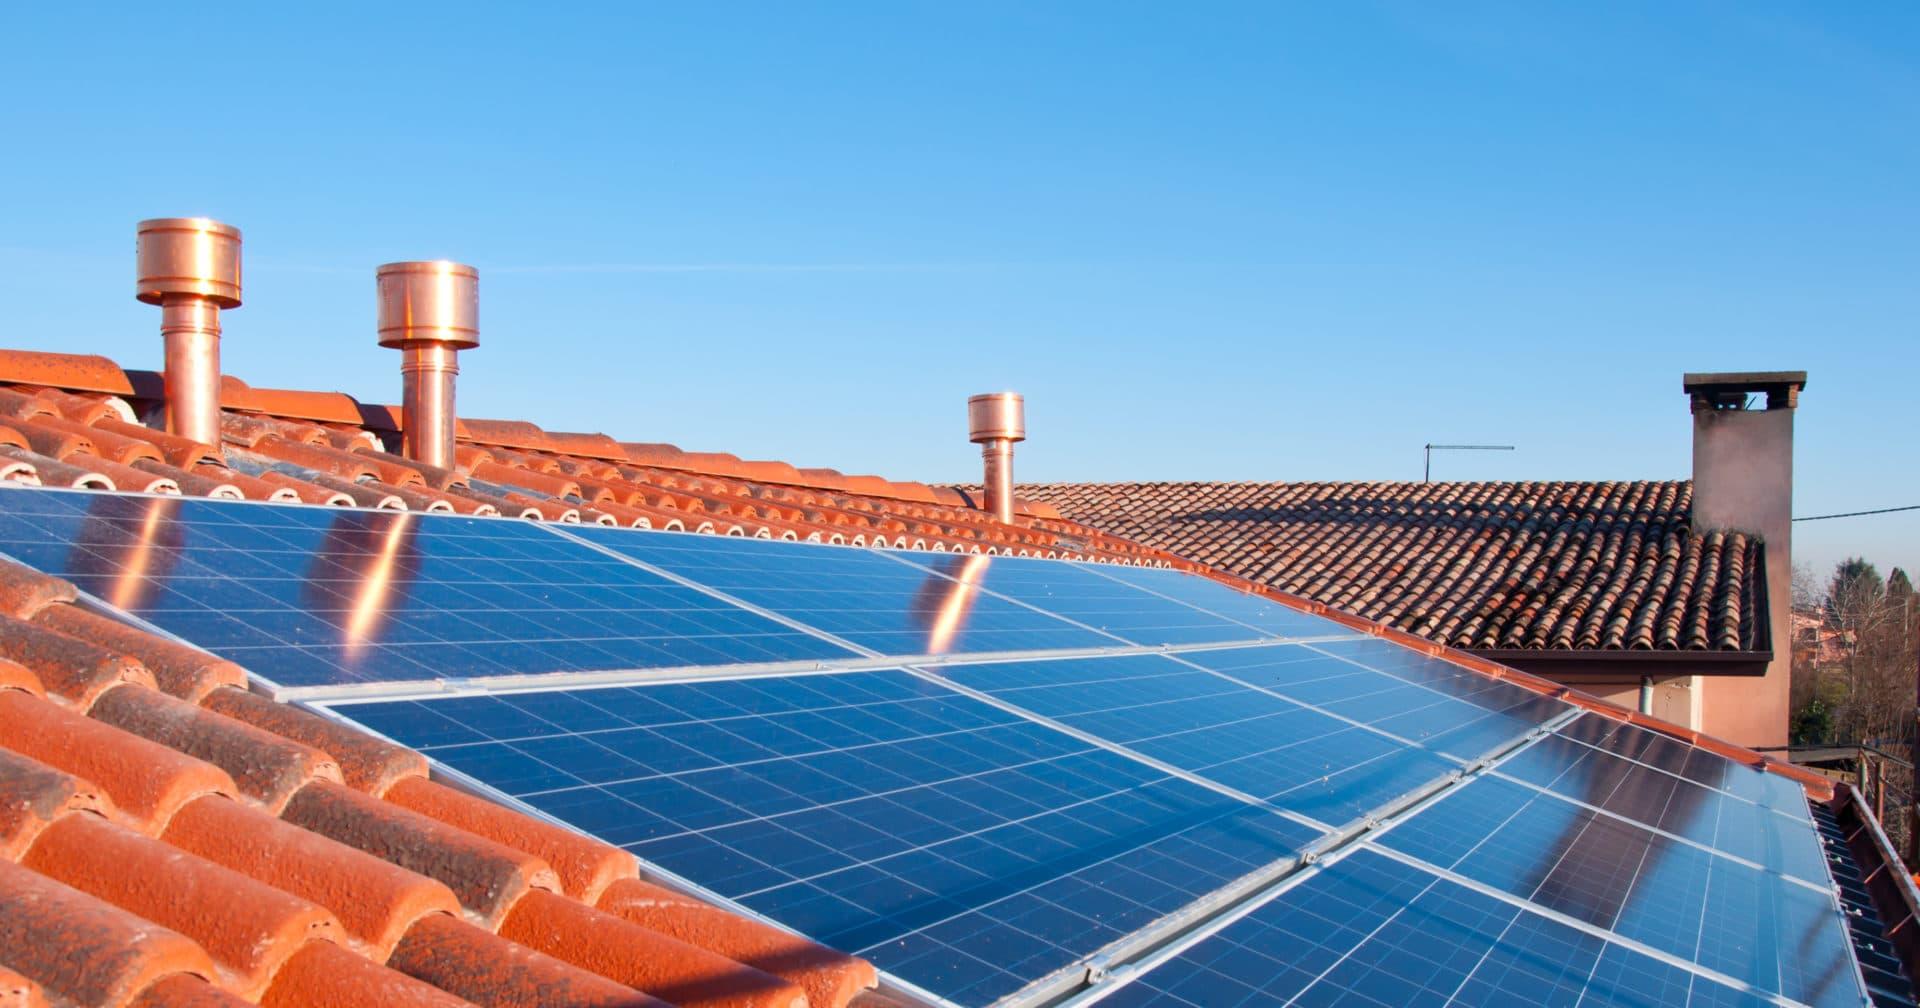 Avec le photovoltaïque, devenez producteur de votre électricité !